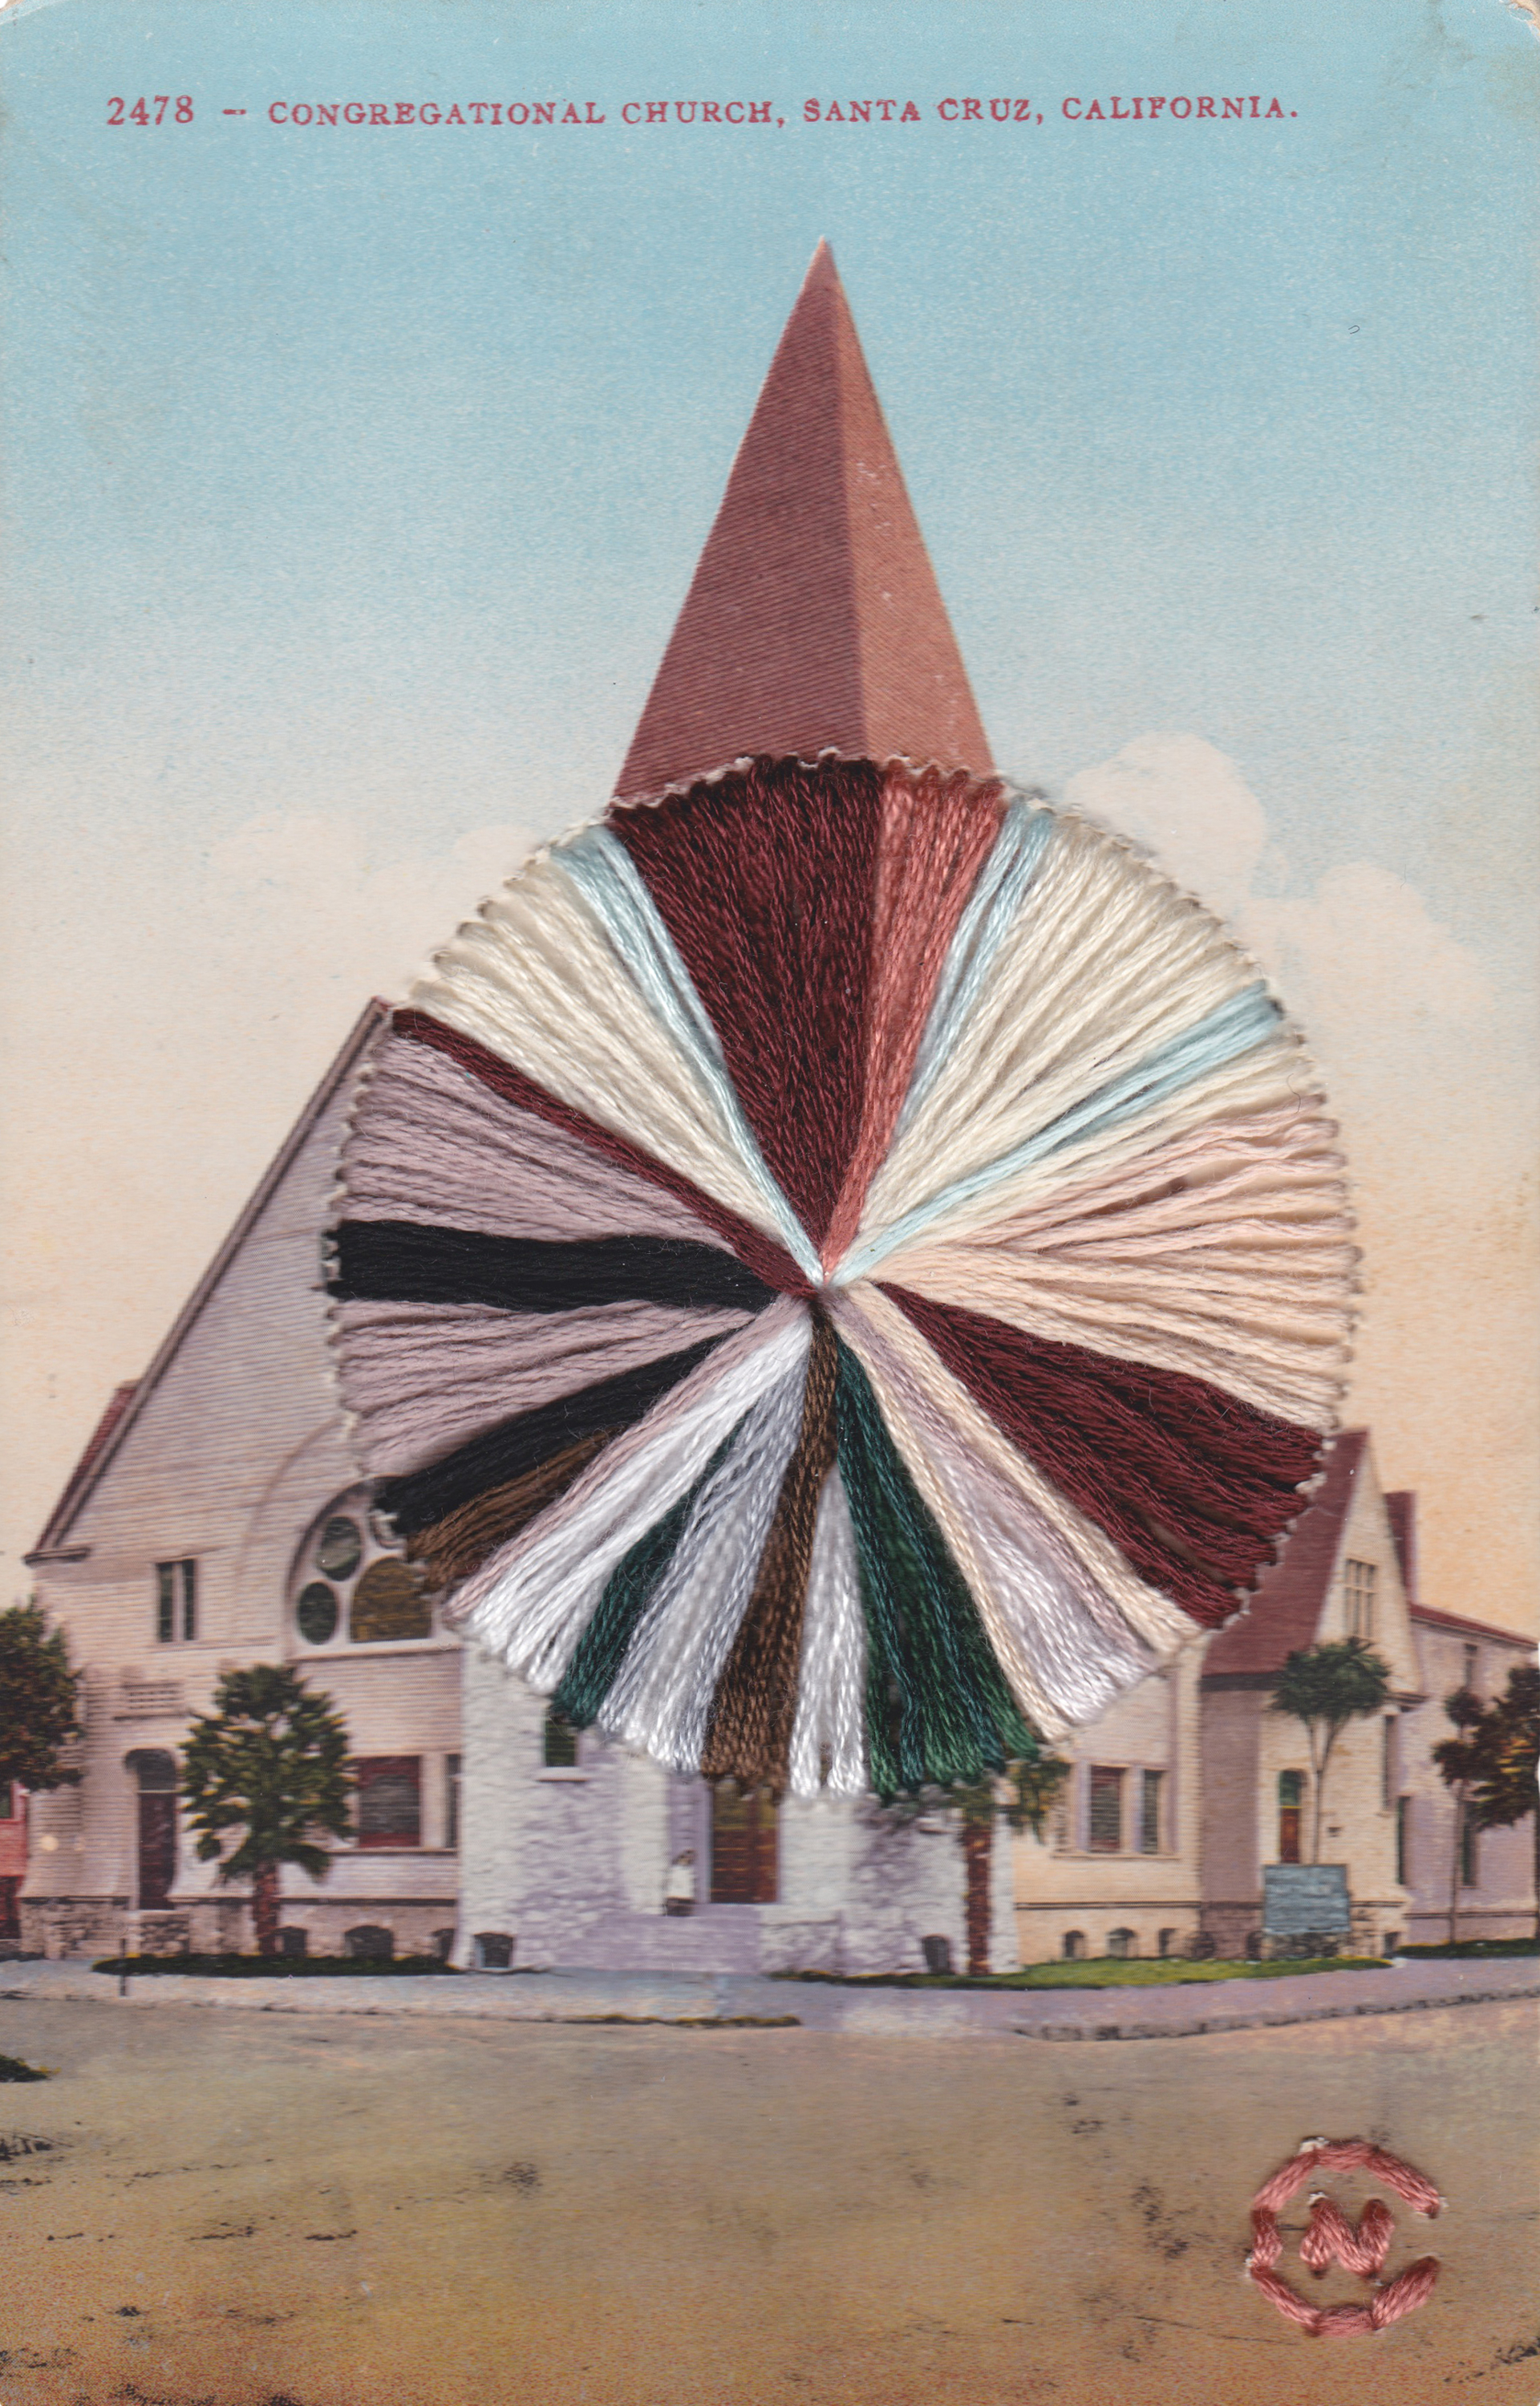 Santa Cruz Church by Natalie Ciccoricco